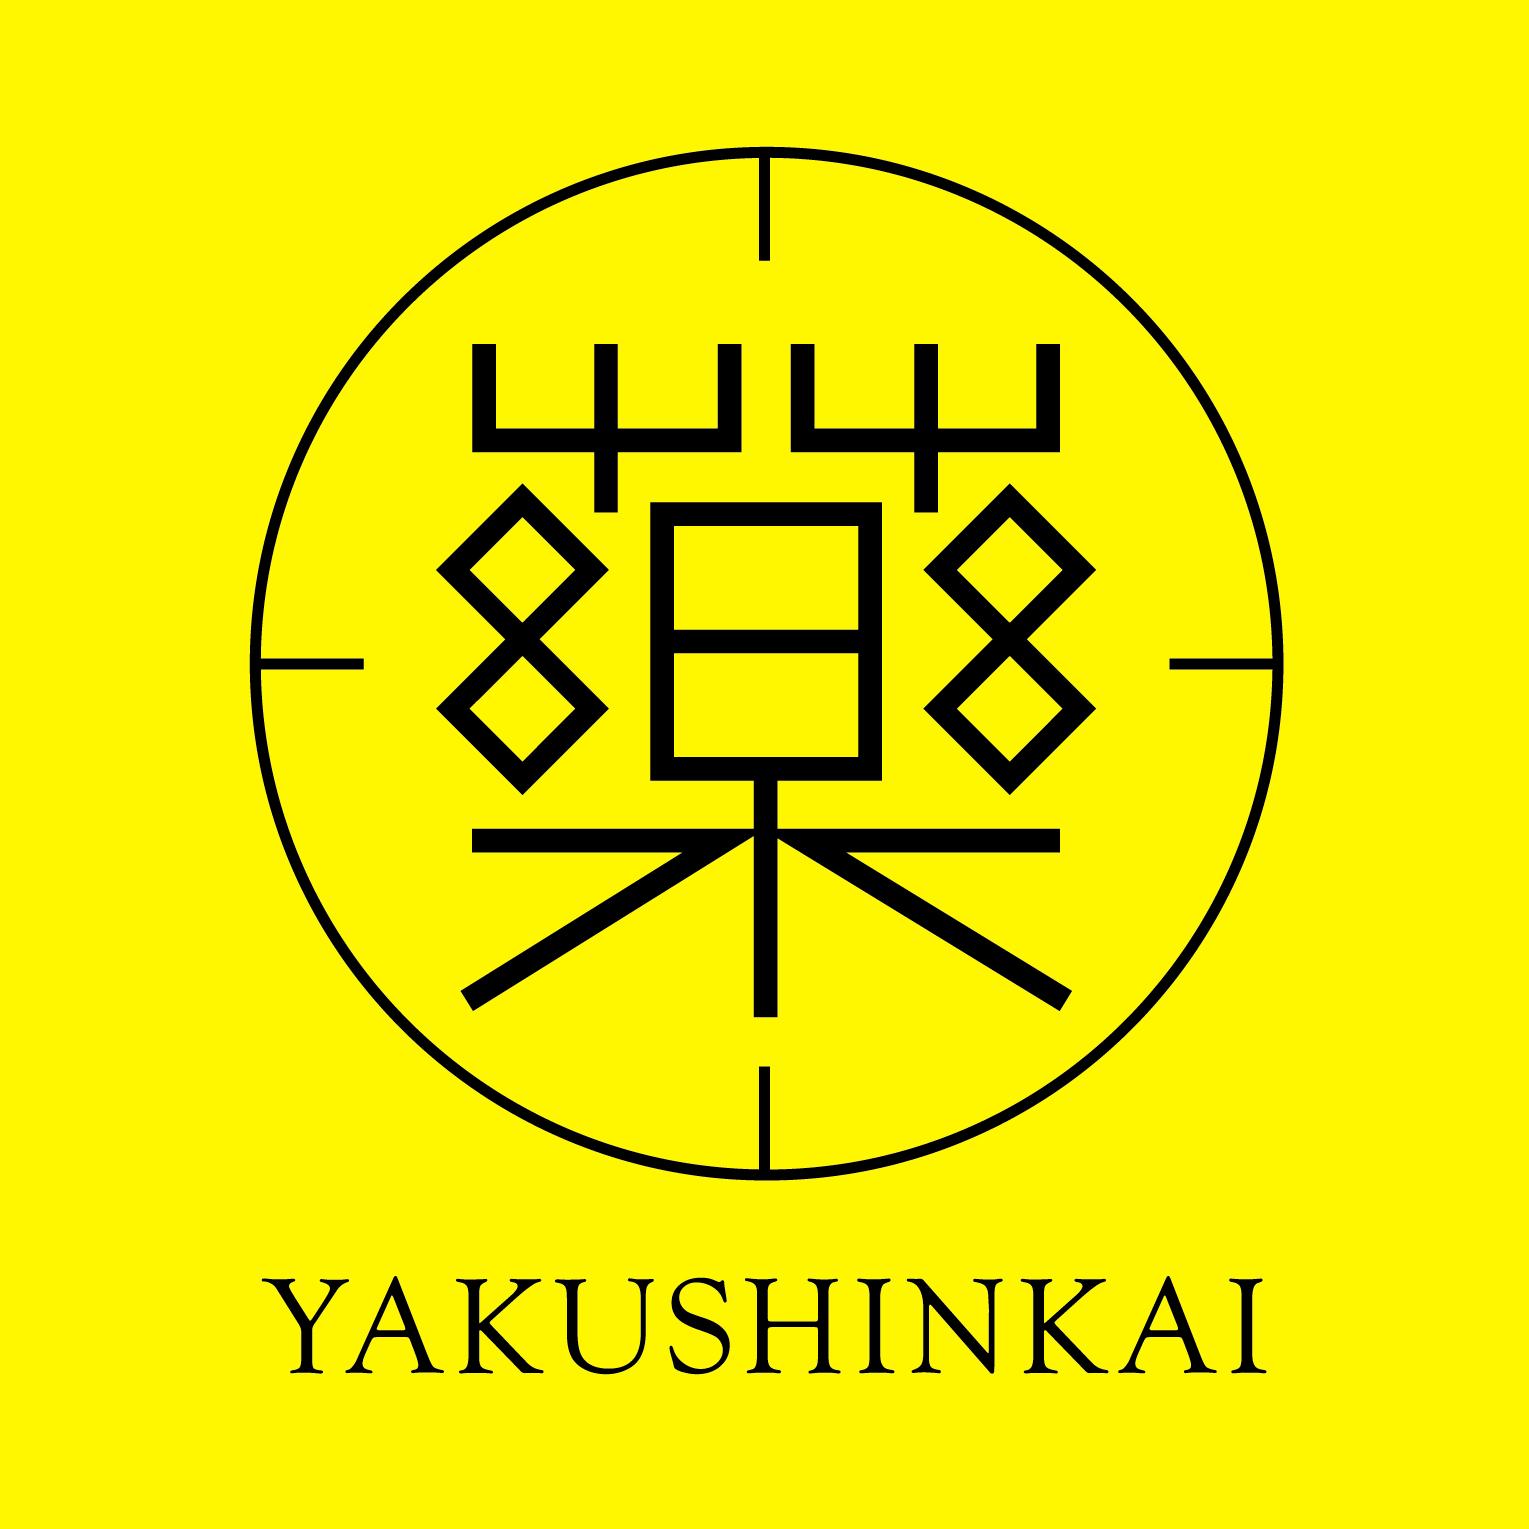 株式会社 薬進会ロゴ